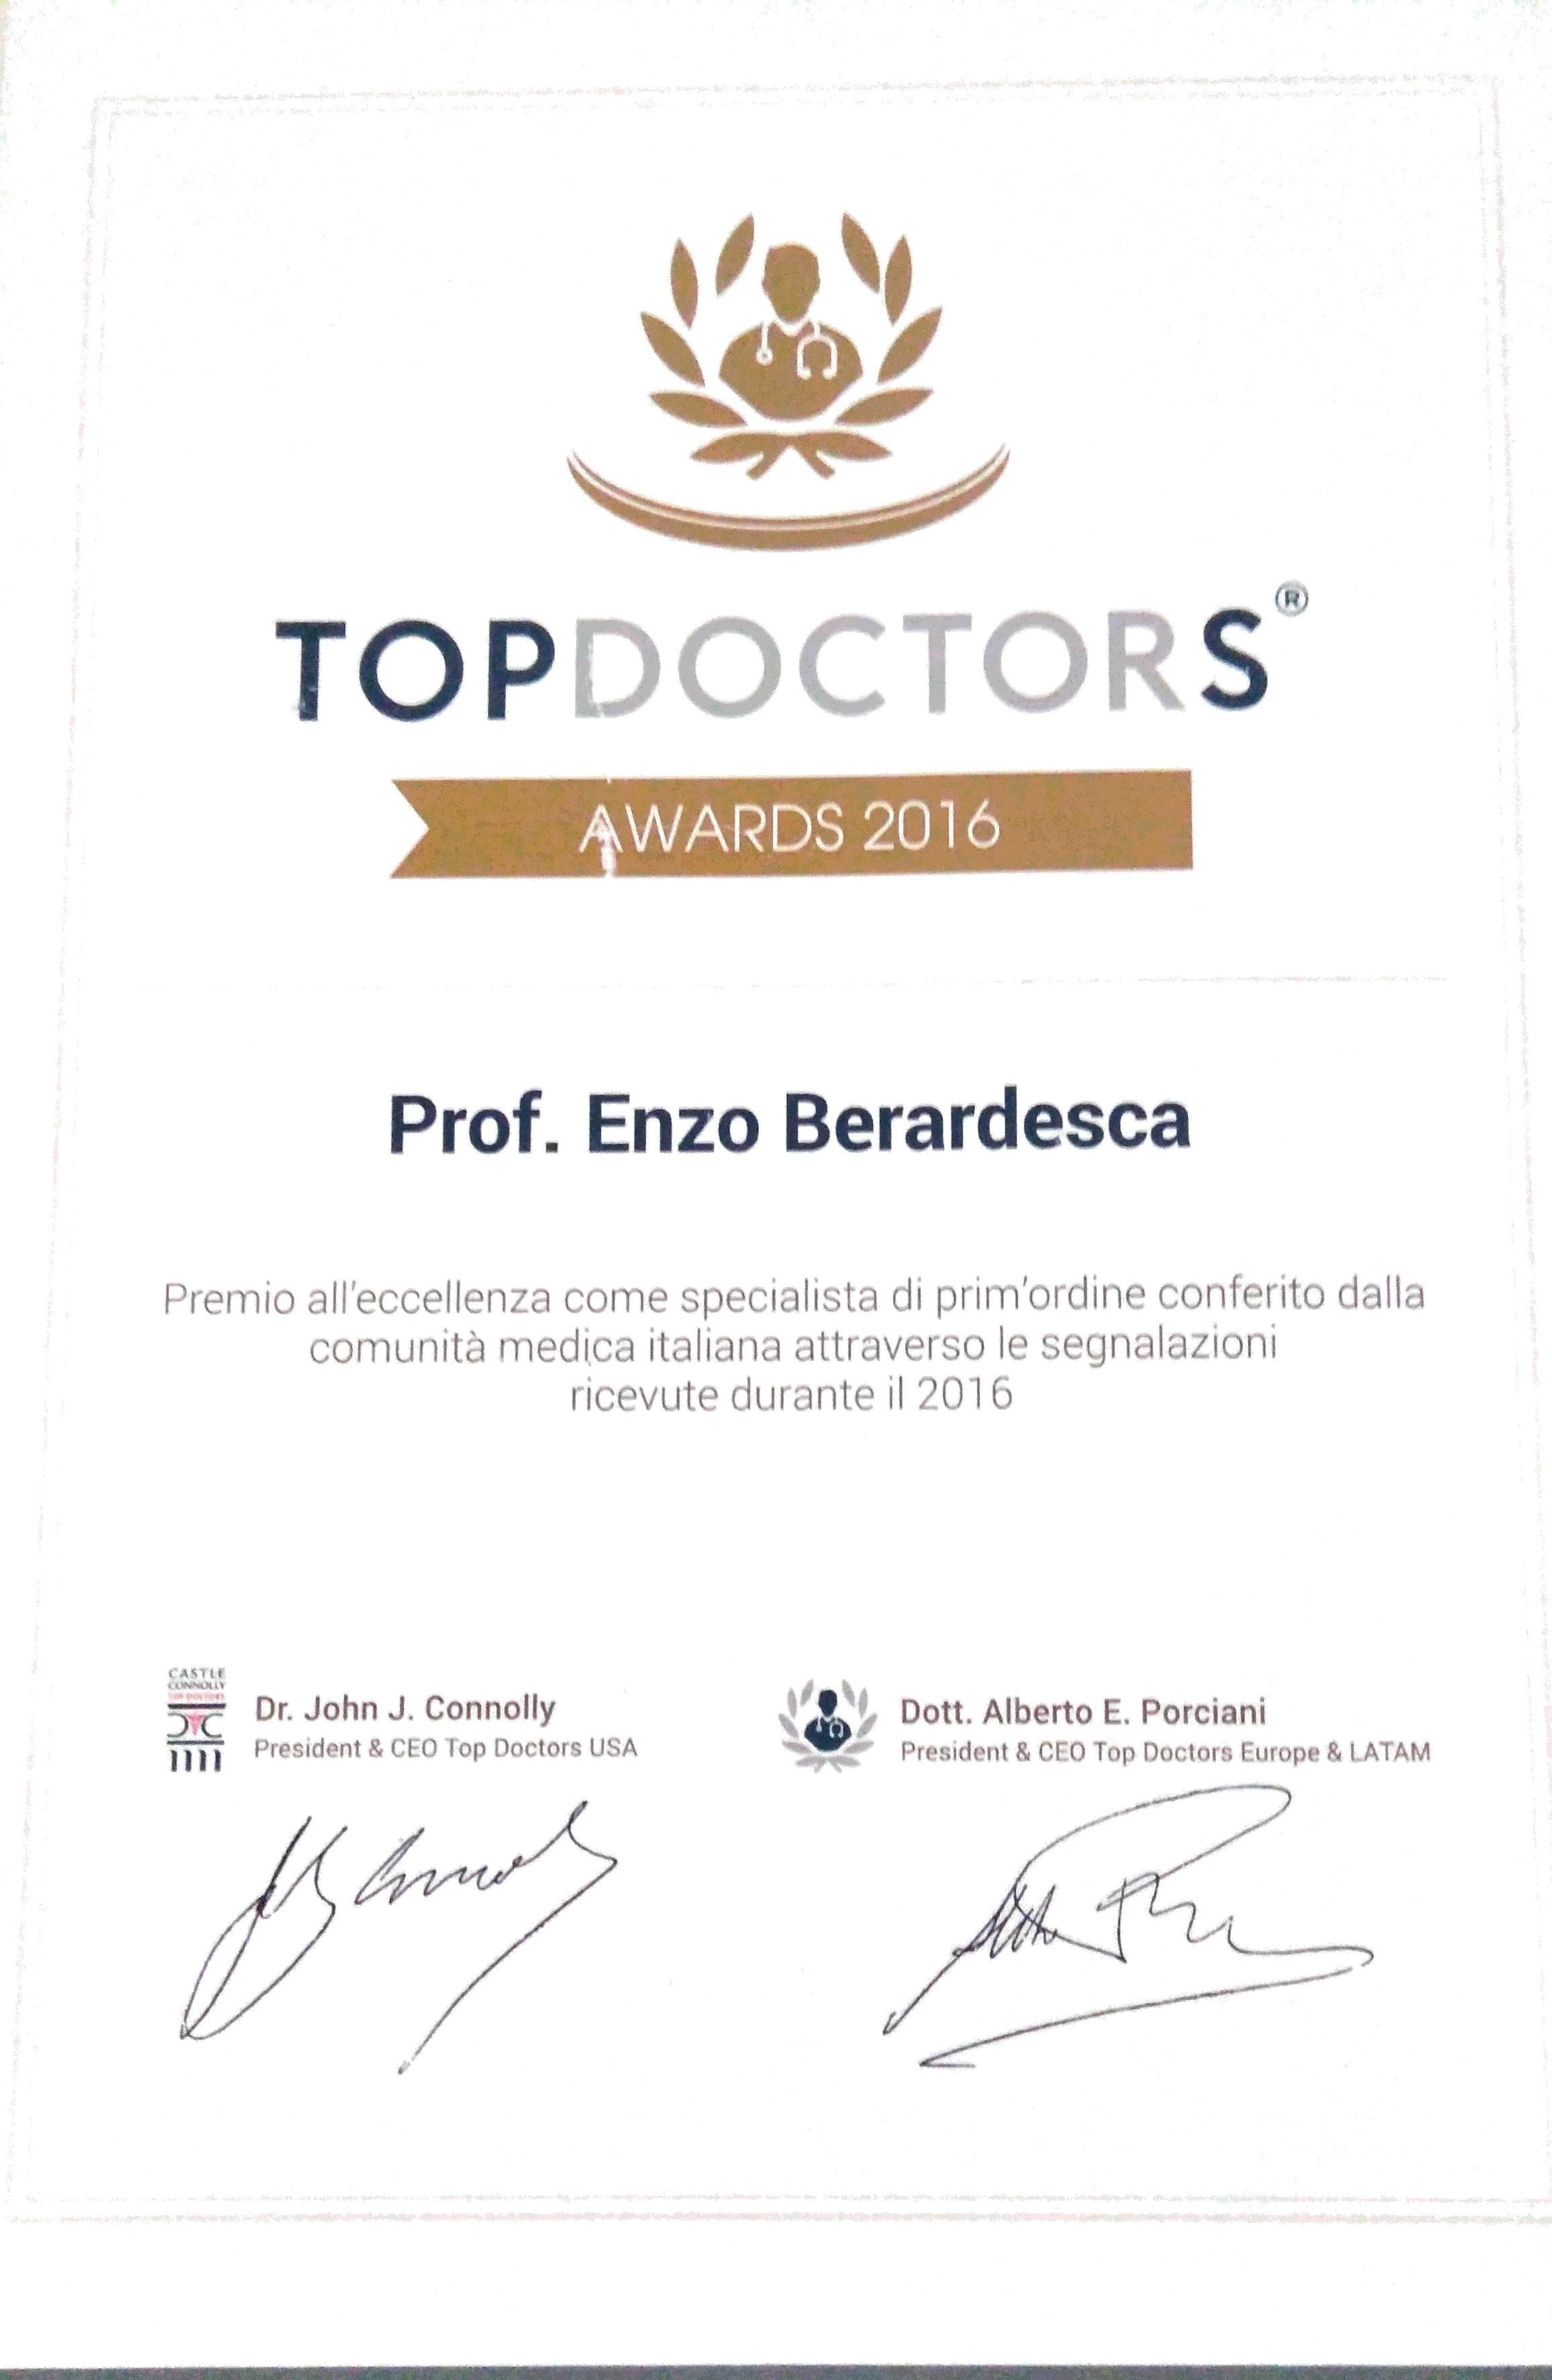 Award_Top_Doctors